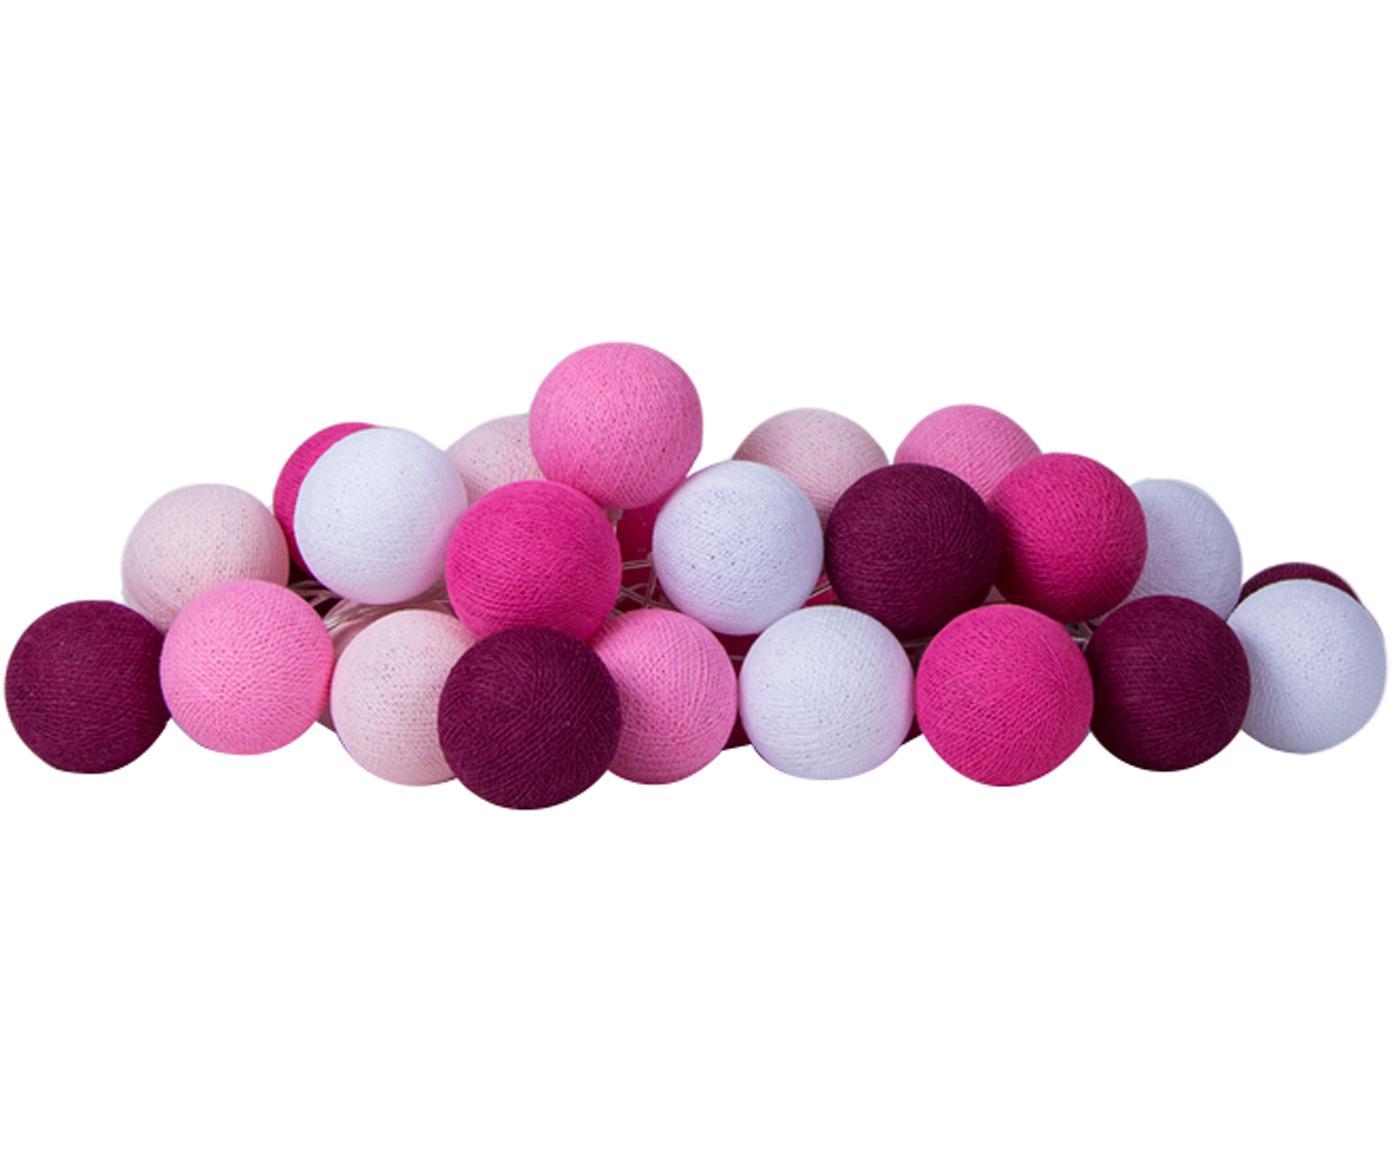 Guirnalda de luces LED Colorain, Linternas: poliéster, Cable: plástico, Tonos rosas, blanco, L 264 cm